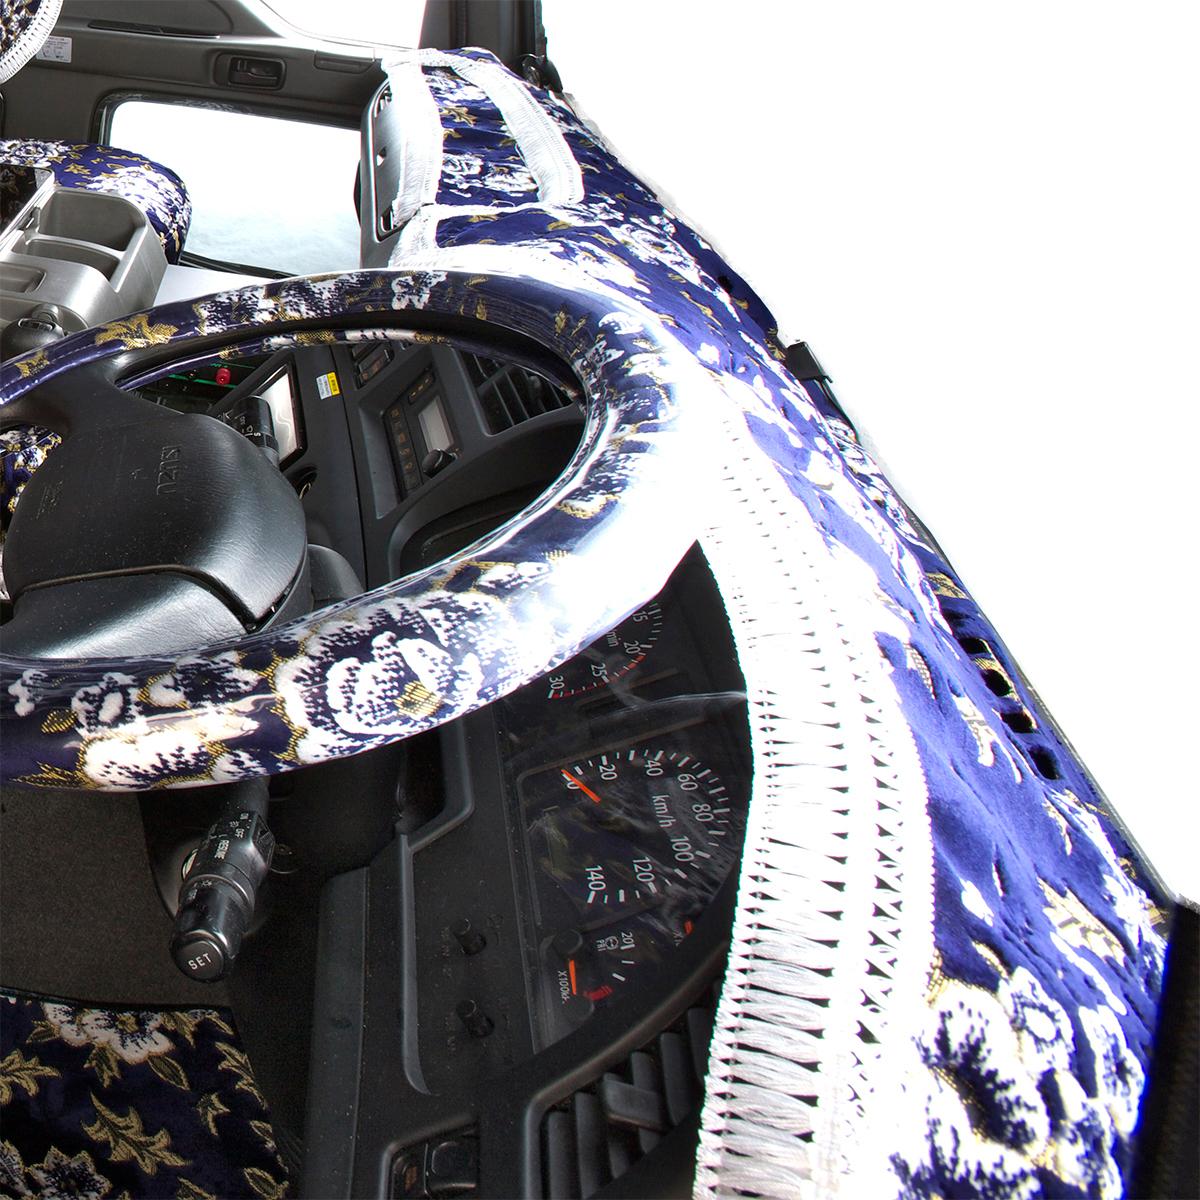 トラック用品 金華山 マドンナ ダッシュマット ネイビーブルー ふそう ジェネレーションキャンター標準 H14/06~ 2t標準(64)【送料無料!!】_画像4